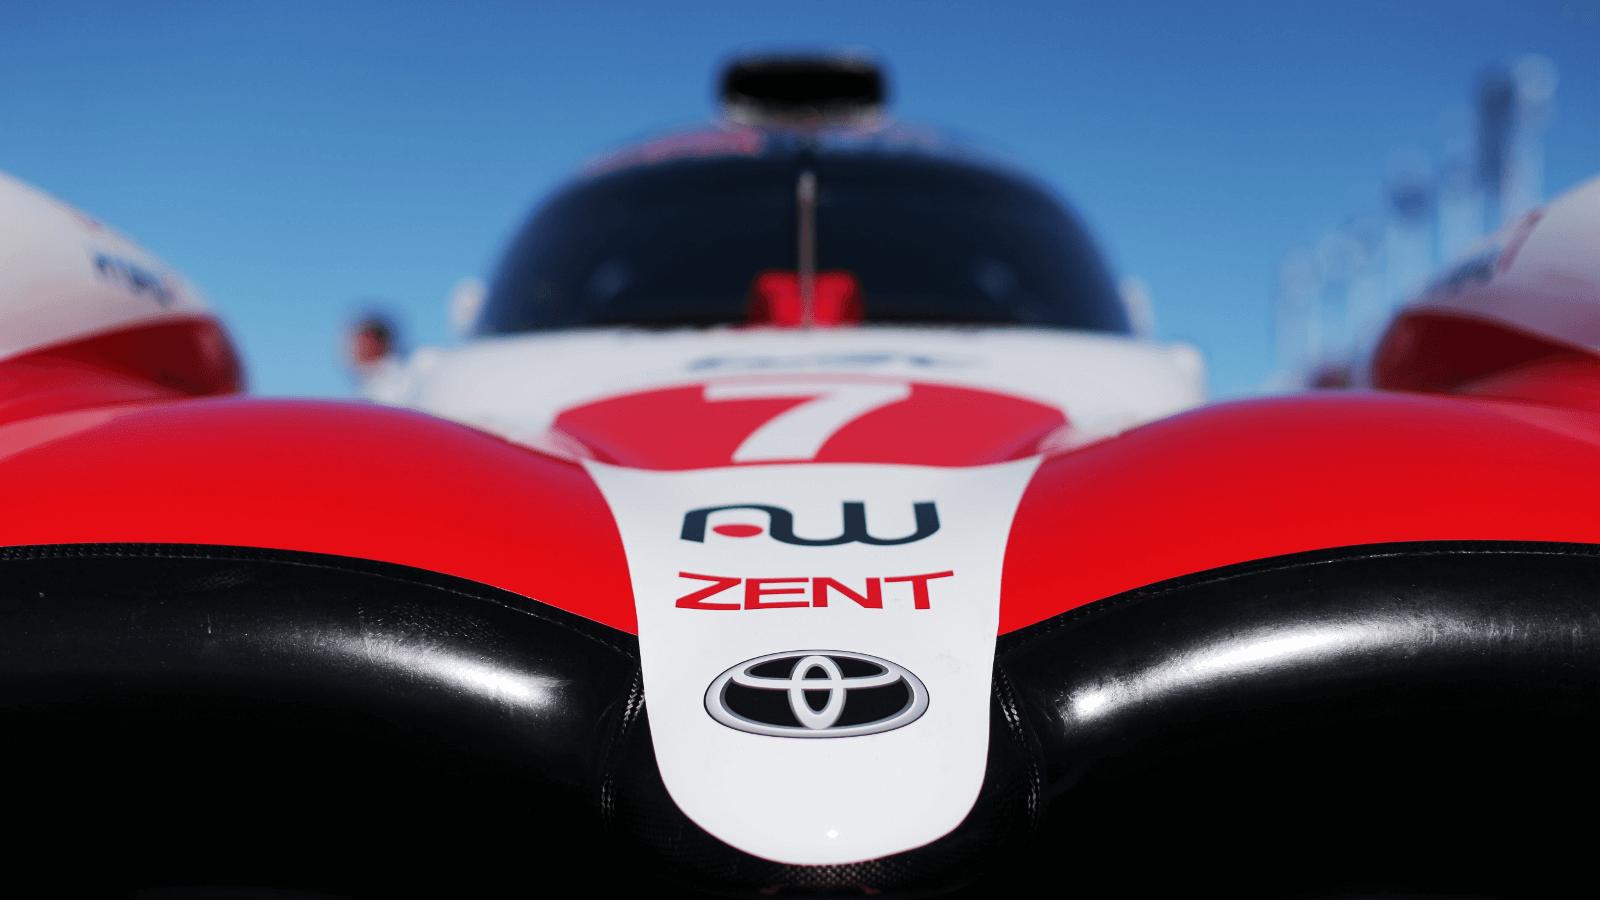 Ropa y merchandising oficial de Toyota cc21927a1c6